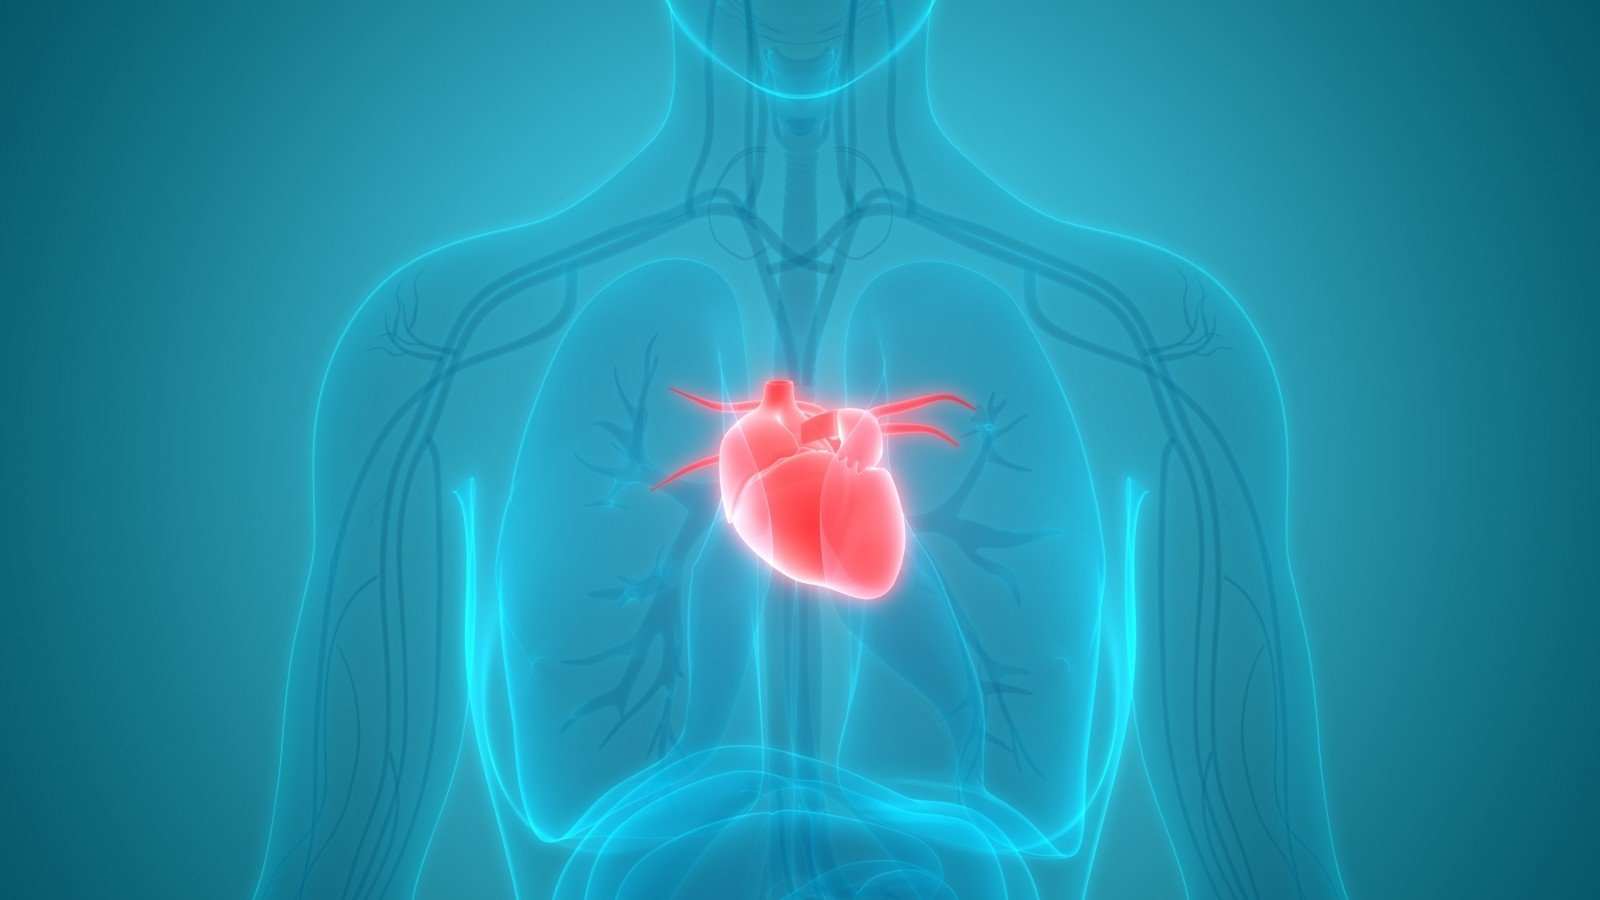 7 paprasti žingsniai į širdies sveikatą ką jūs galite padaryti sporto salėje su hipertenzija